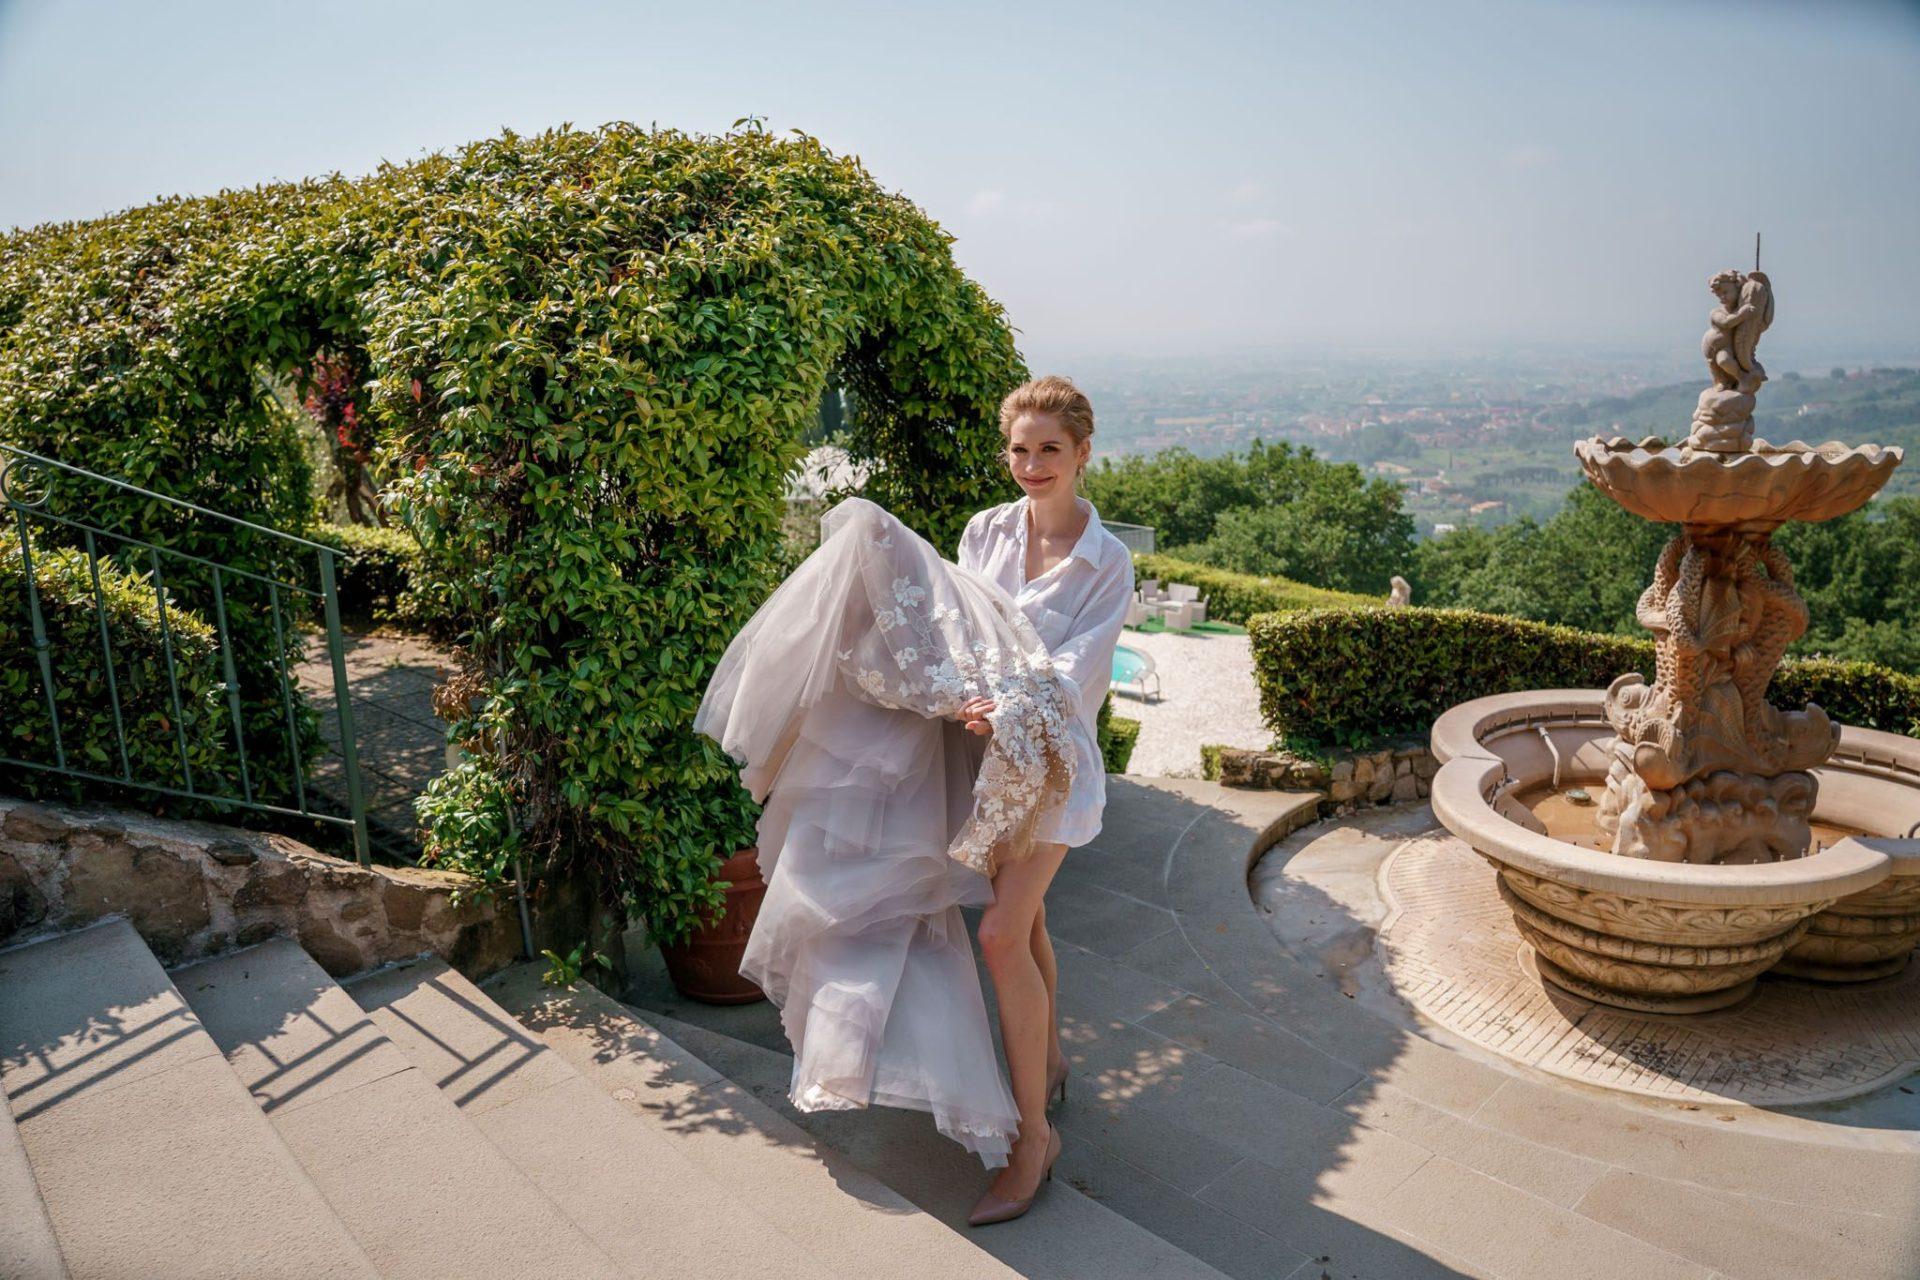 обрезки может настоящая италия фотоотчет располагается холме